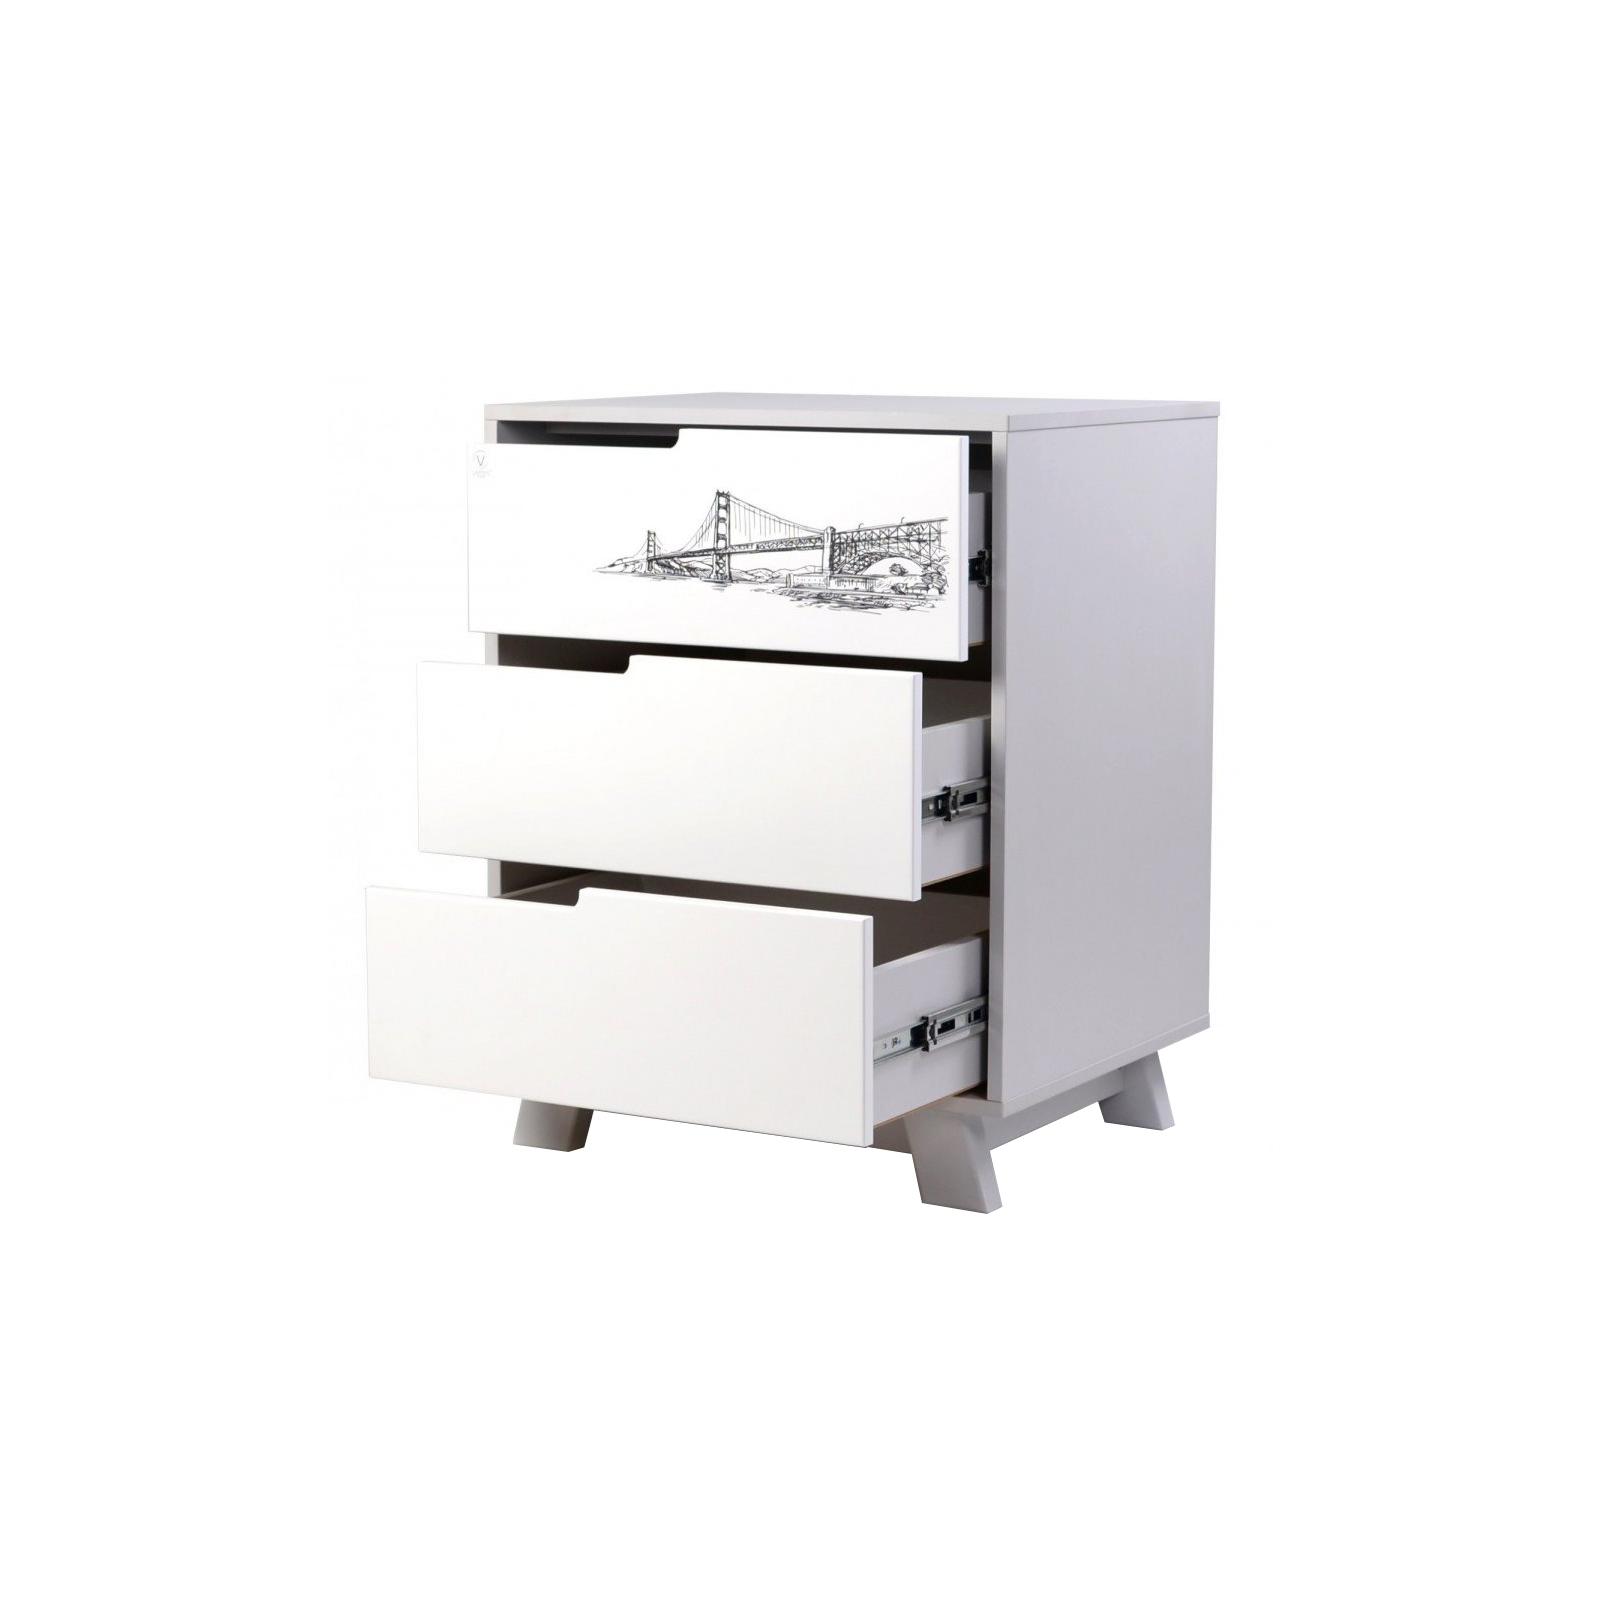 Комод-пеленатор Верес (600) Manhattan бело-серый Tattou (32.2.321.1.17) изображение 2